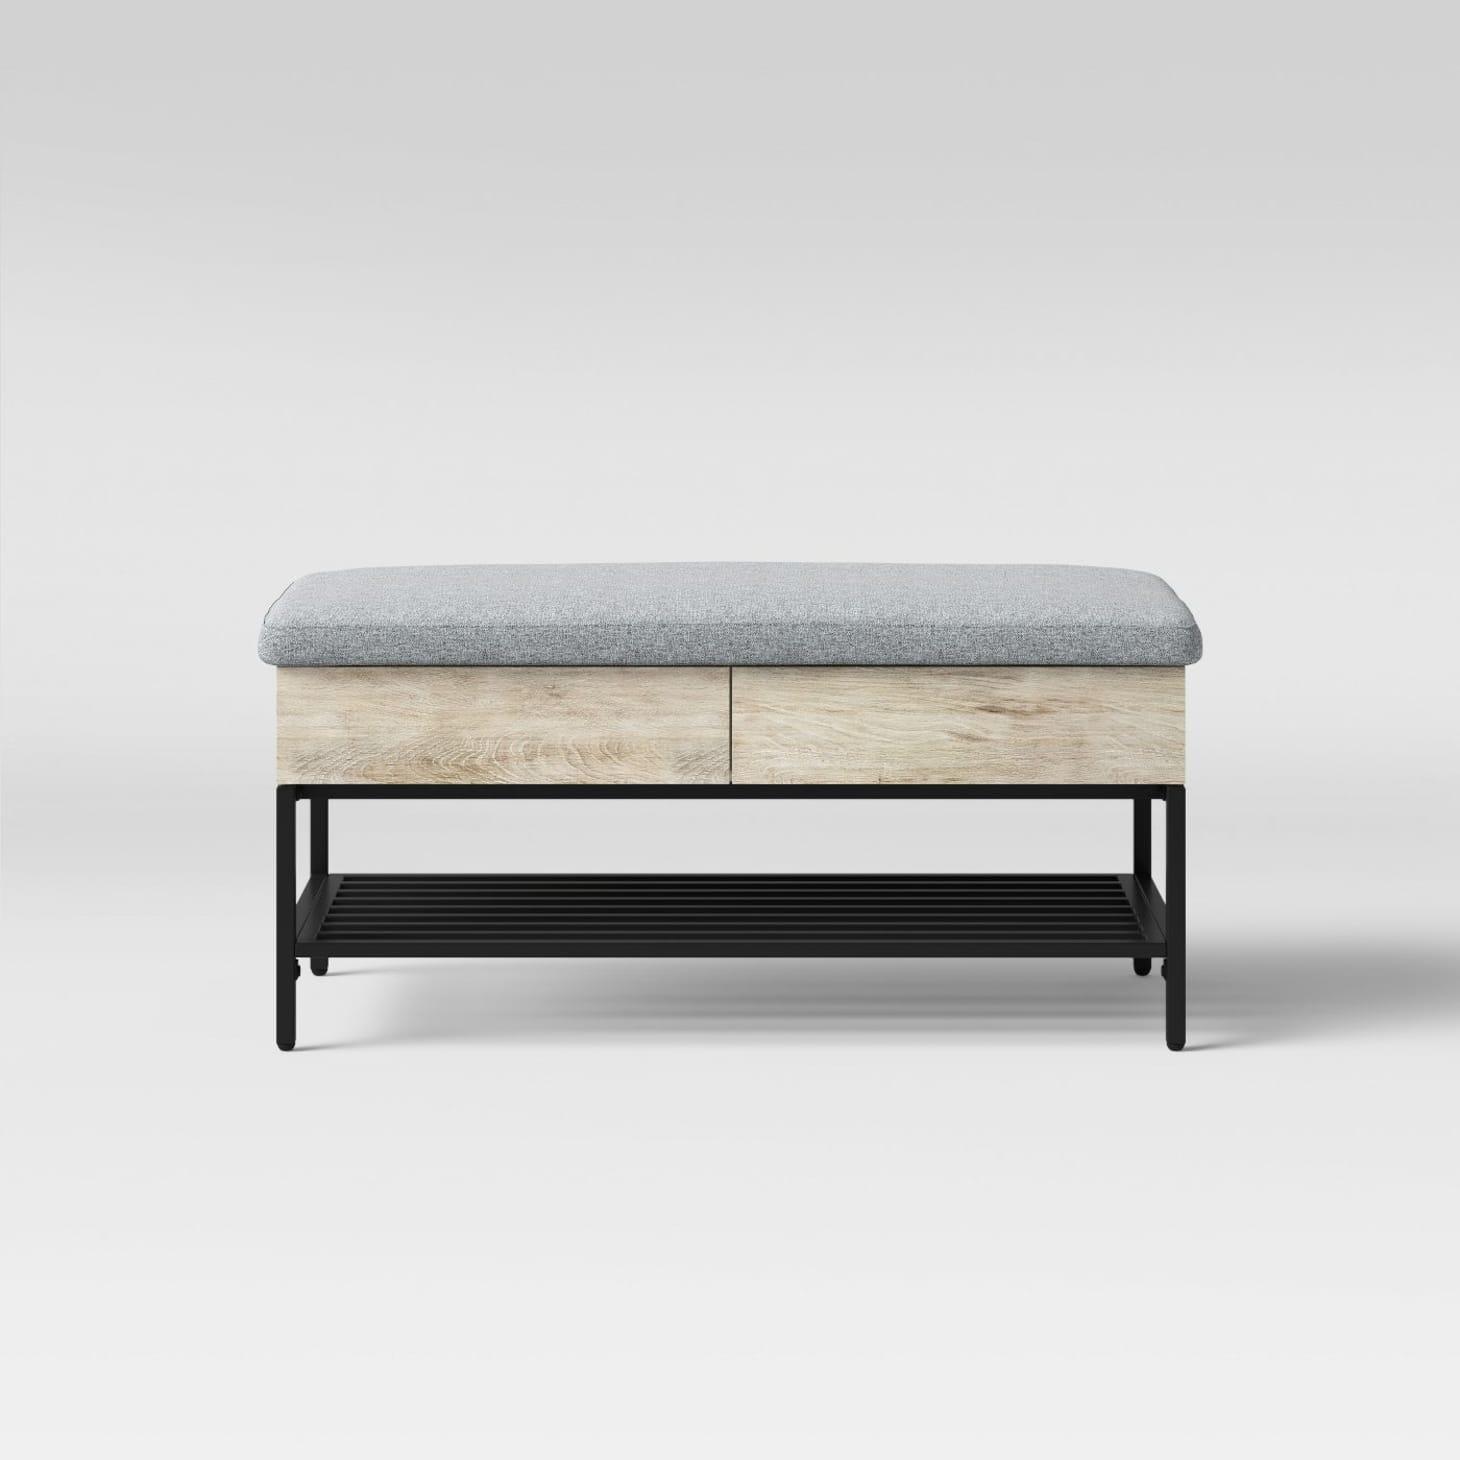 Groovy Best Storage Benches Under 200 Wayfair Walmart Theyellowbook Wood Chair Design Ideas Theyellowbookinfo